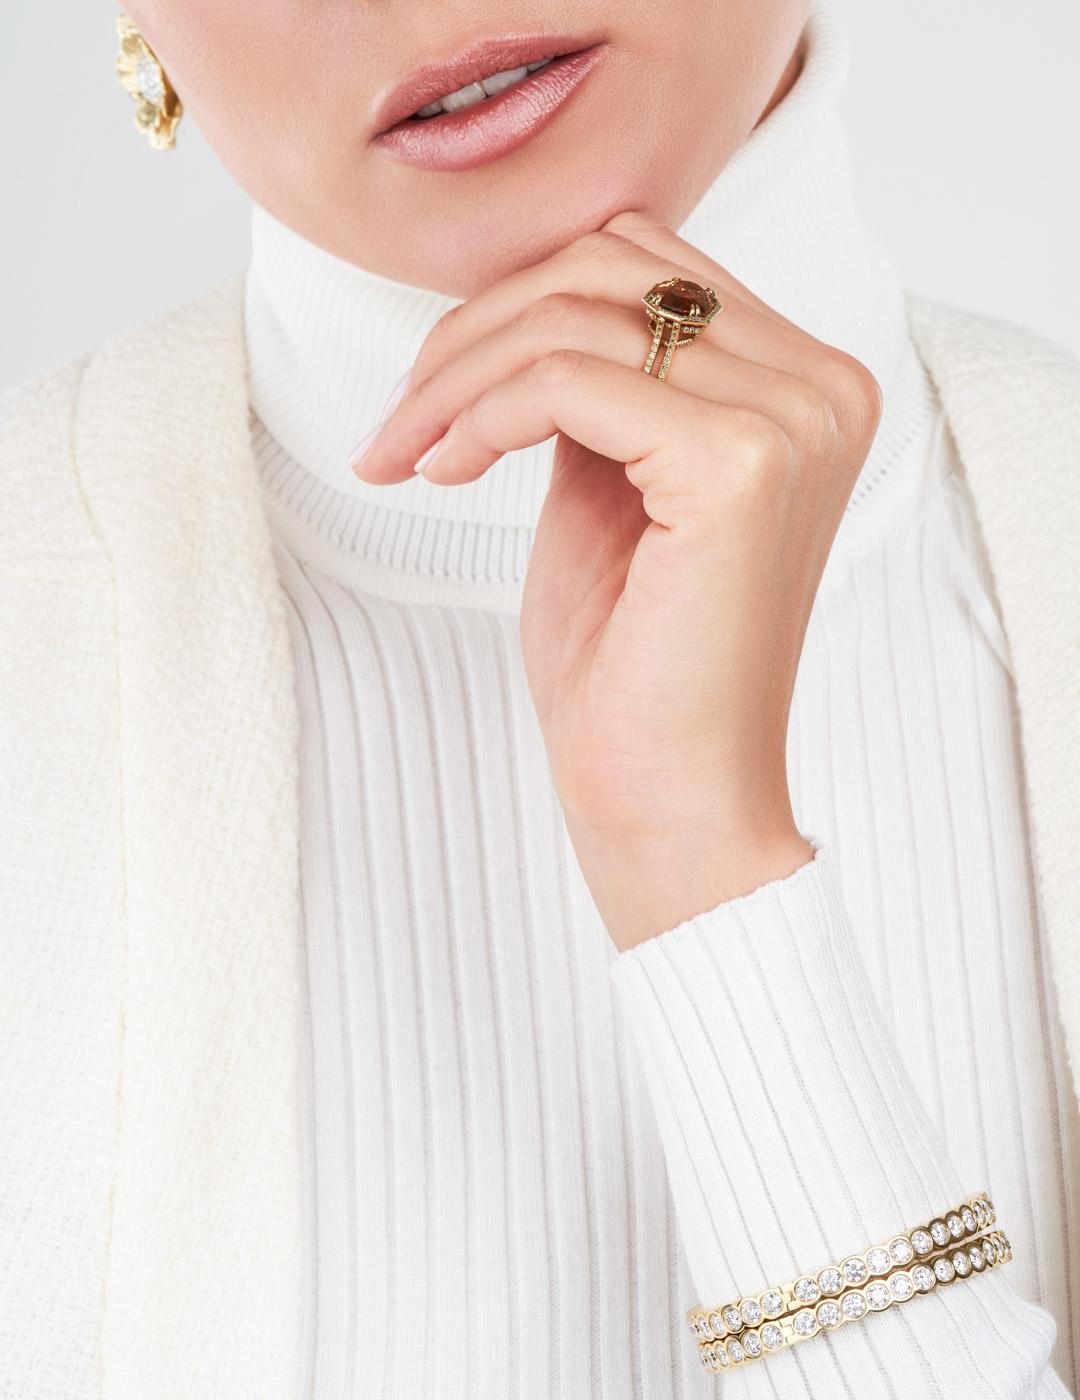 mish_jewelry_product_Elizabeth-Bangle-4